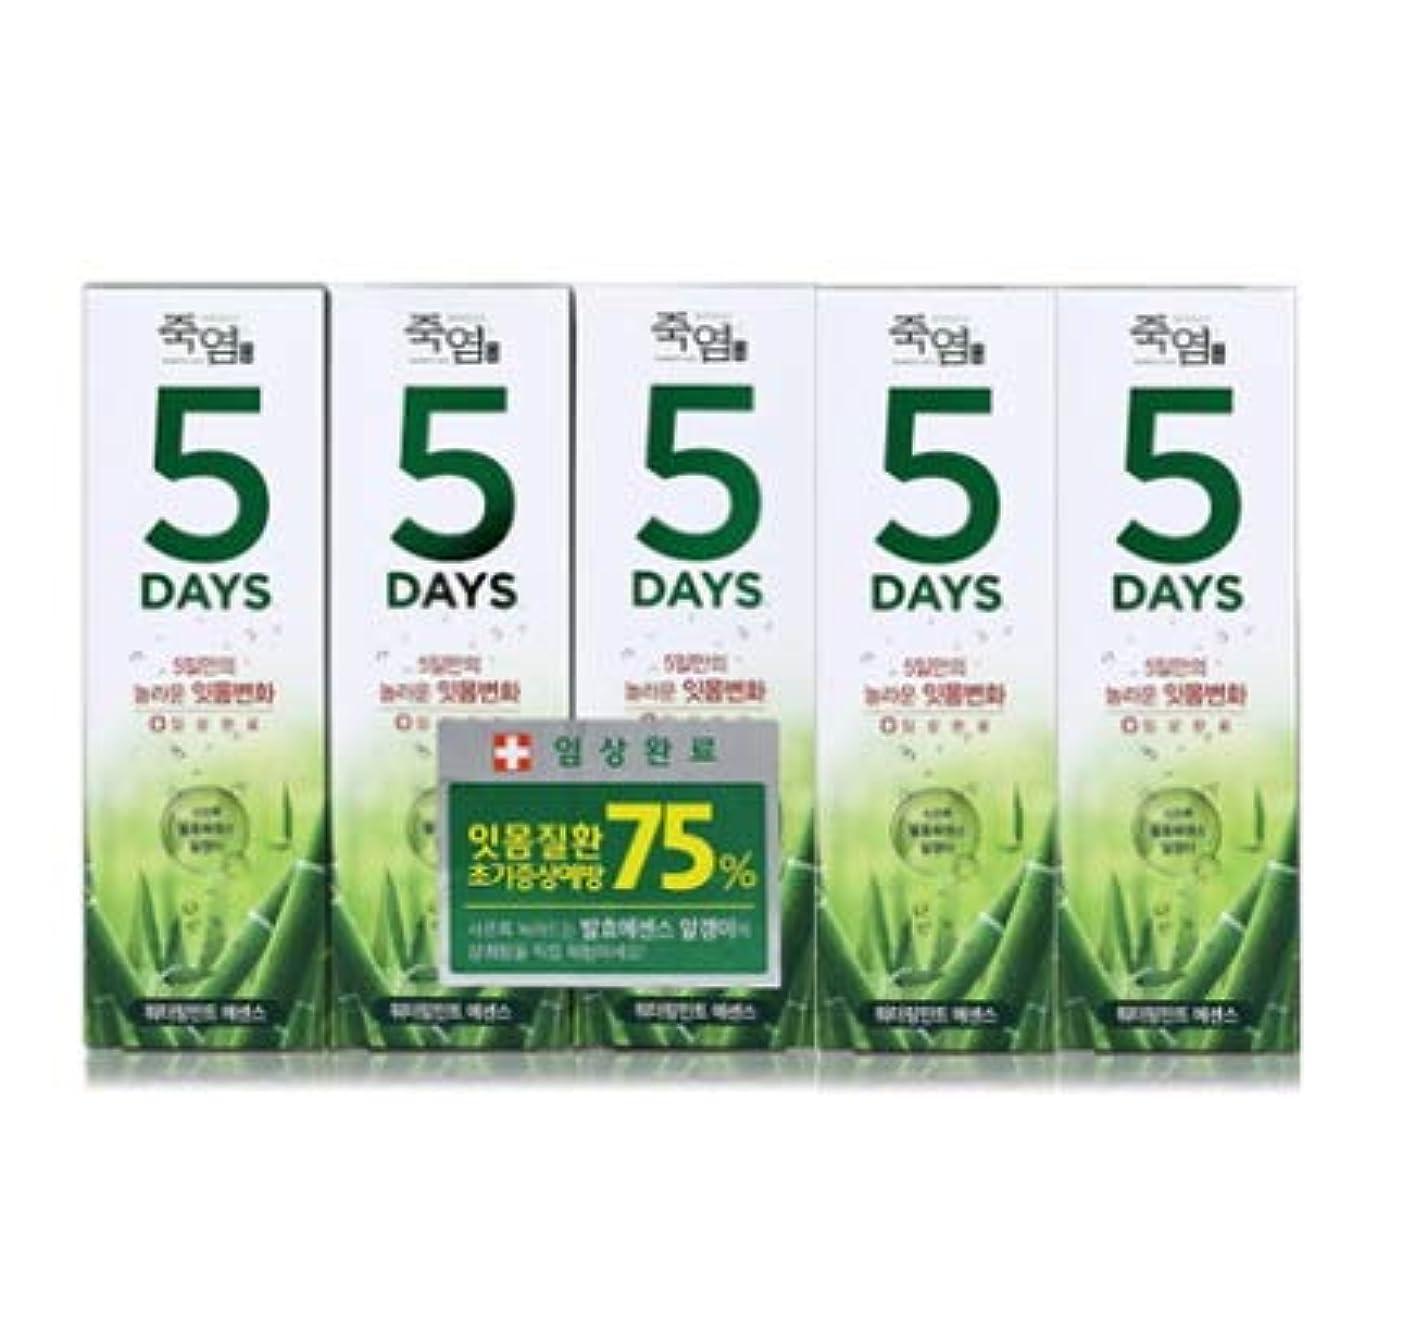 中央ゴミ箱を空にする同意[LG Care/LG生活健康]竹塩歯磨き粉5daysウォーターリングミント100g x5ea/歯磨きセットスペシャル?リミテッドToothpaste Set Special Limited Korea(海外直送品)